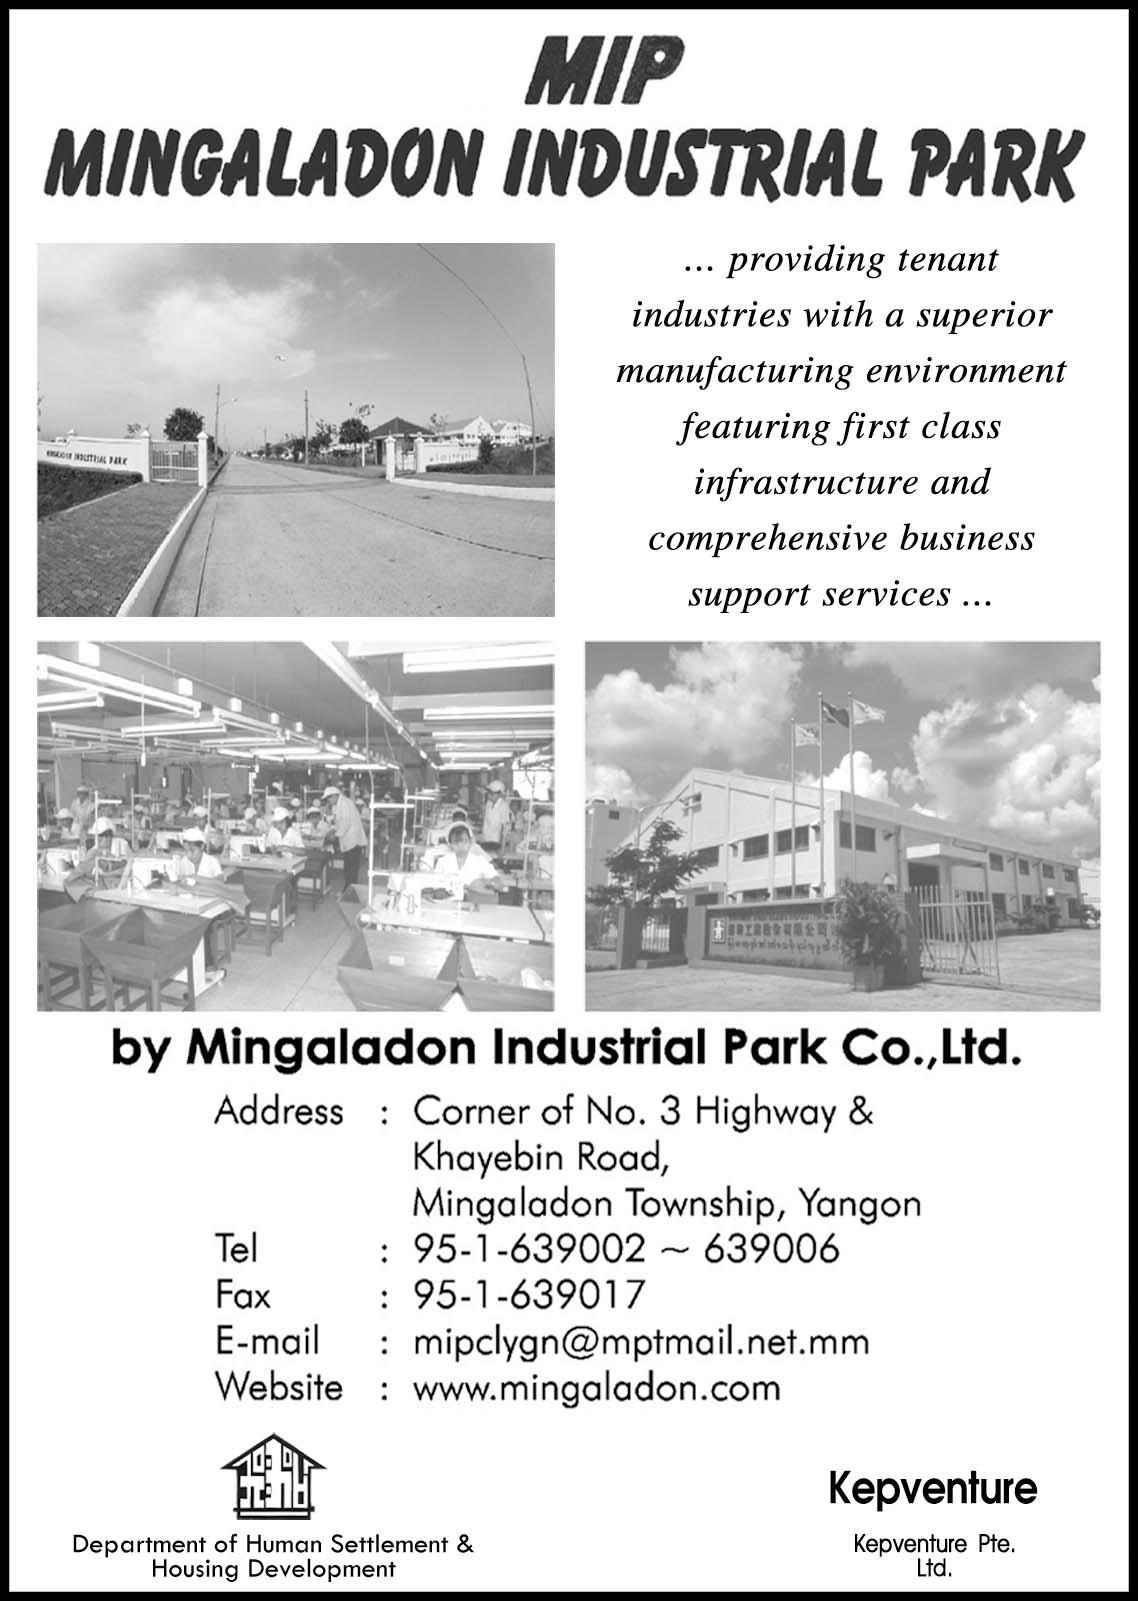 Mingaladon Ind. Park Co., Ltd. (MIP)